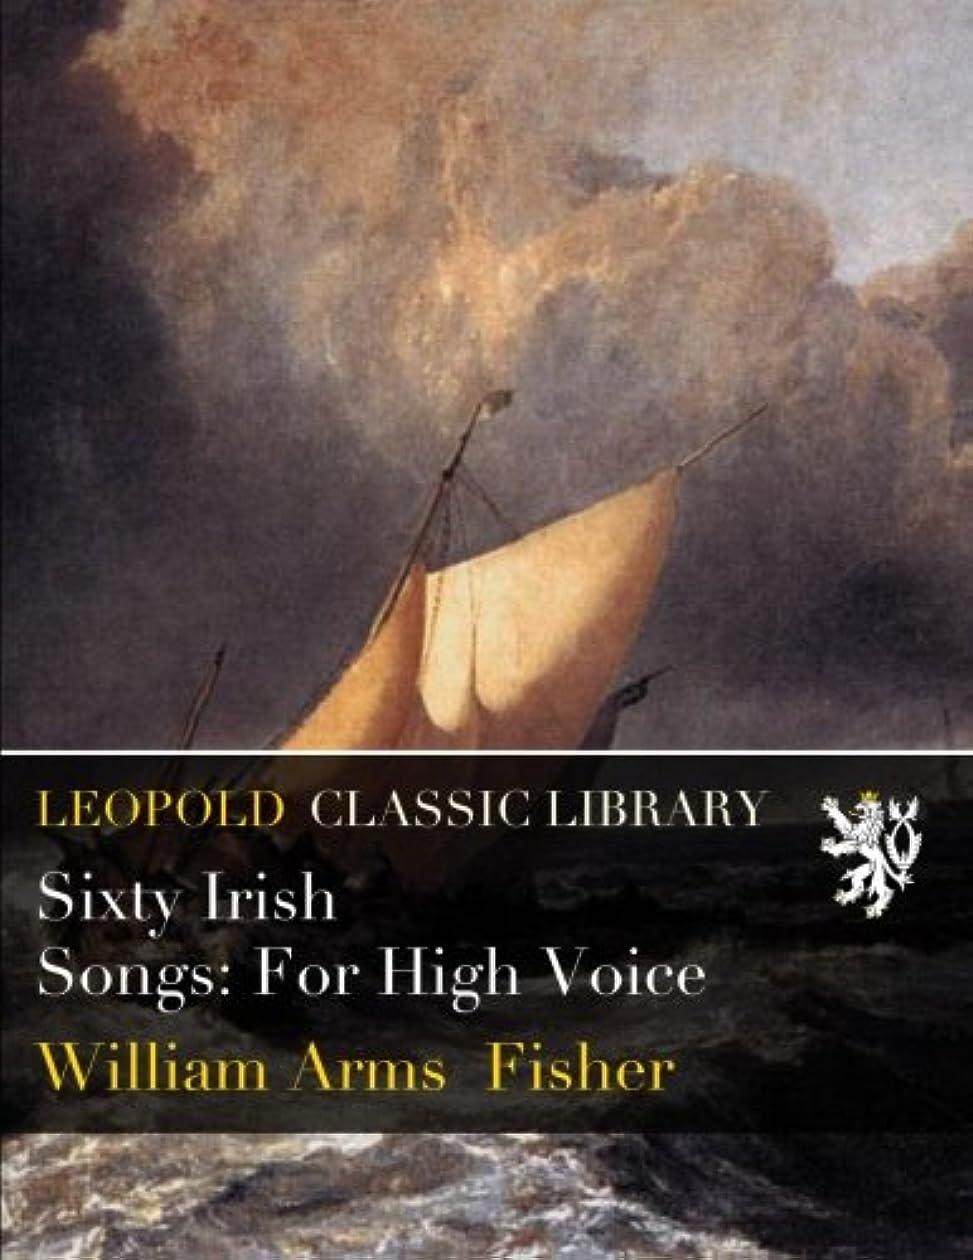 事見せます原告Sixty Irish Songs: For High Voice